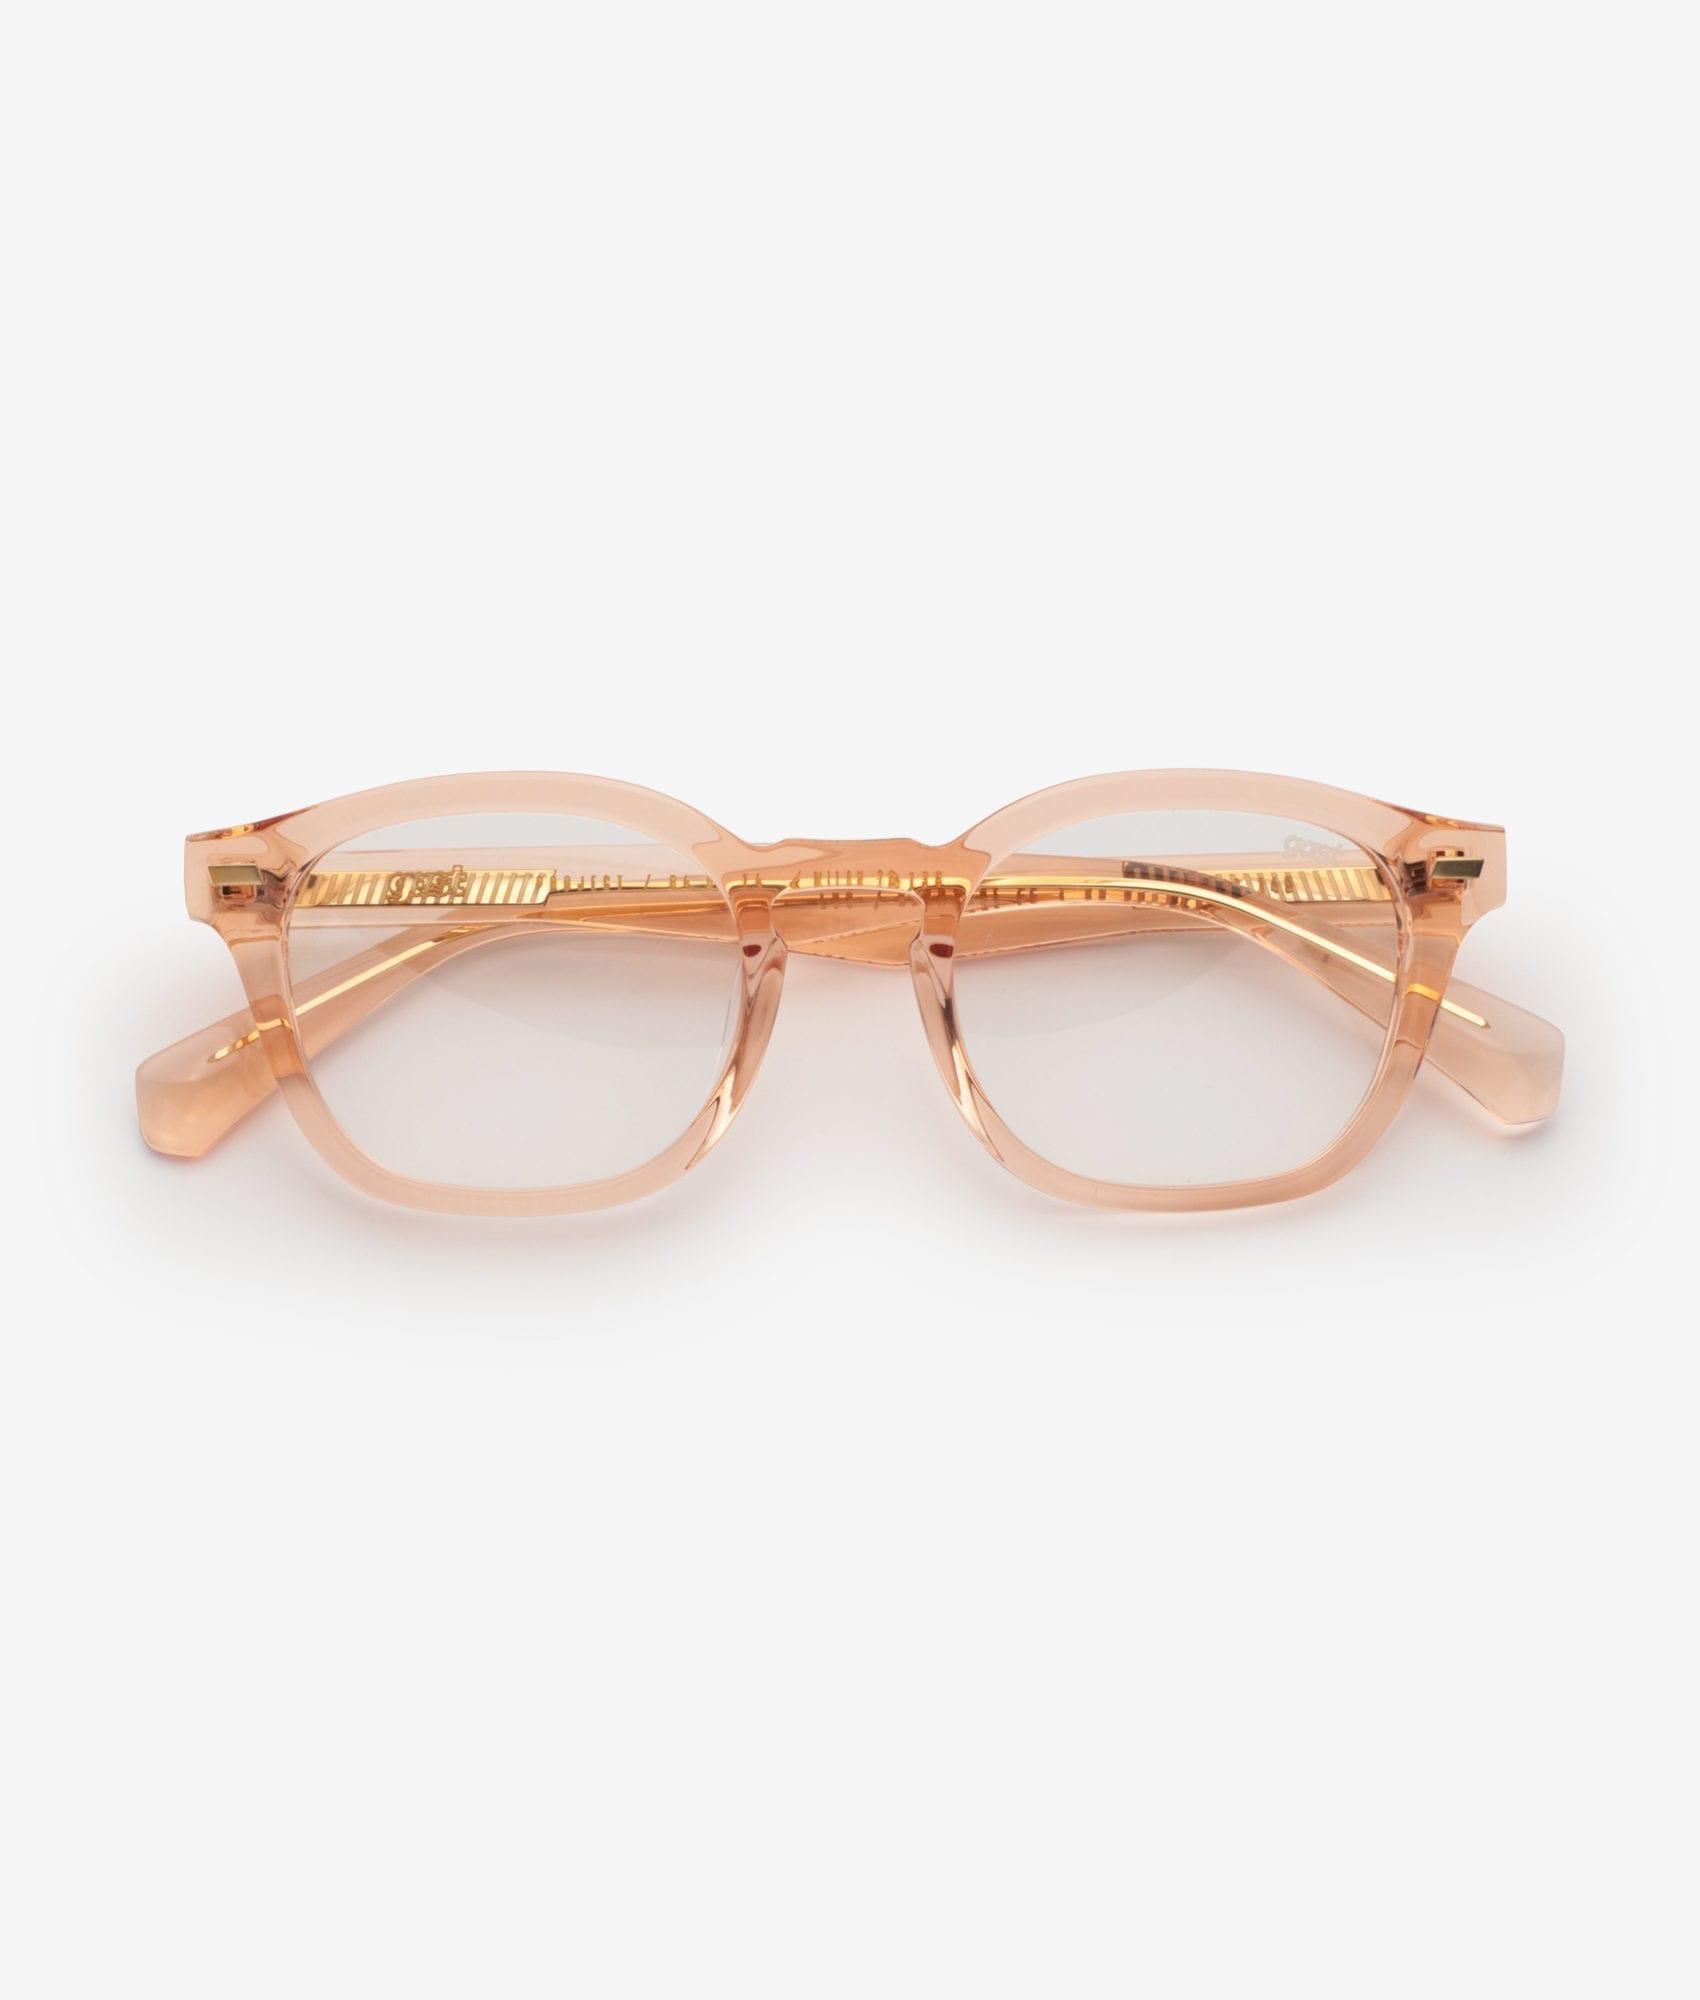 Lus peach Gast eyewear